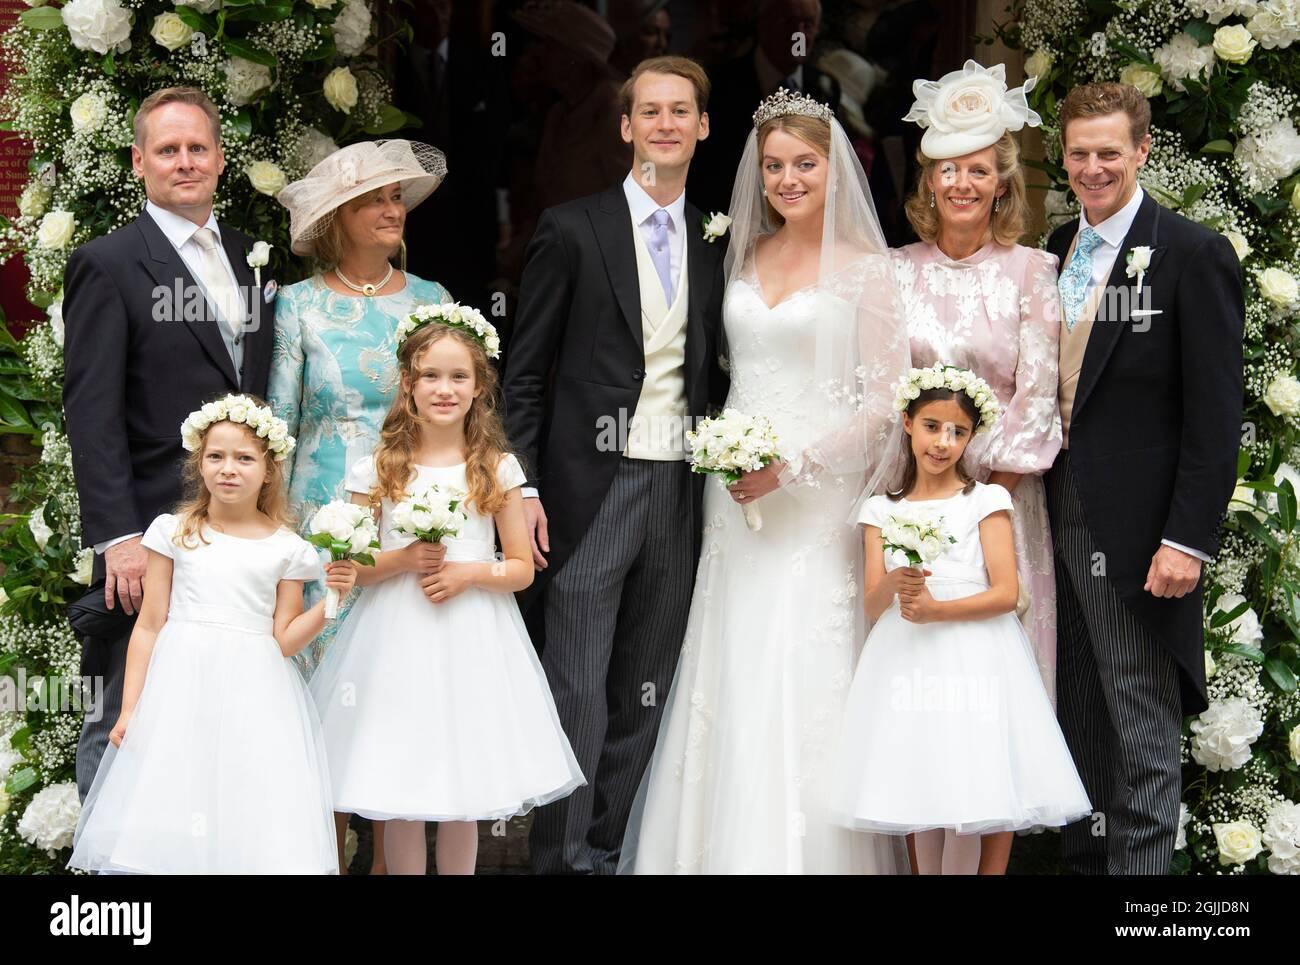 Londra, Regno Unito. 10 Settembre 2021. 10 settembre 2021, Londra, Regno Unito il matrimonio di Flora Ogilvy e Timothy Vesterberg matrimonio alla St George's Chapel, Piccadilly, Londra. Credit: Doug Peters/Alamy Live News Foto Stock